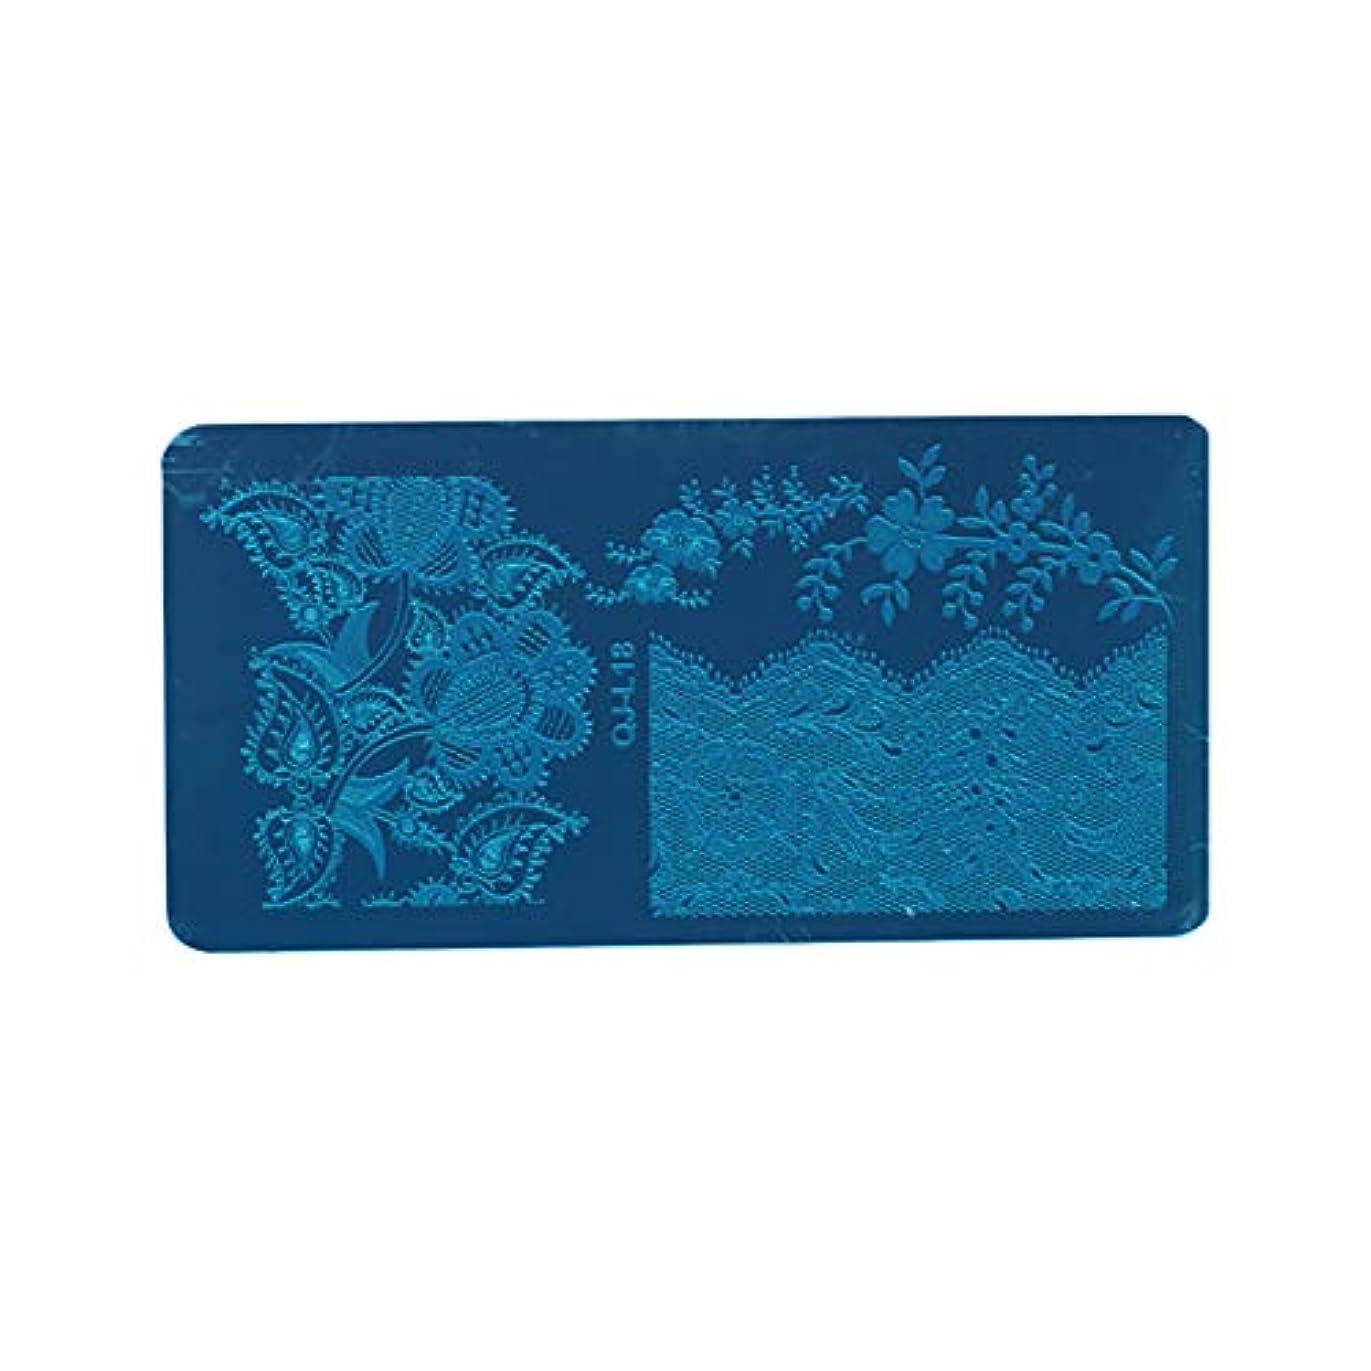 トリプル濃度チェリーDigakdog ネイルイメージプレート ヨーロッパ エレガント 花柄 スタンピングイメージプレート ネイルアートツール 家庭 ネイルサロン プレゼント 1枚